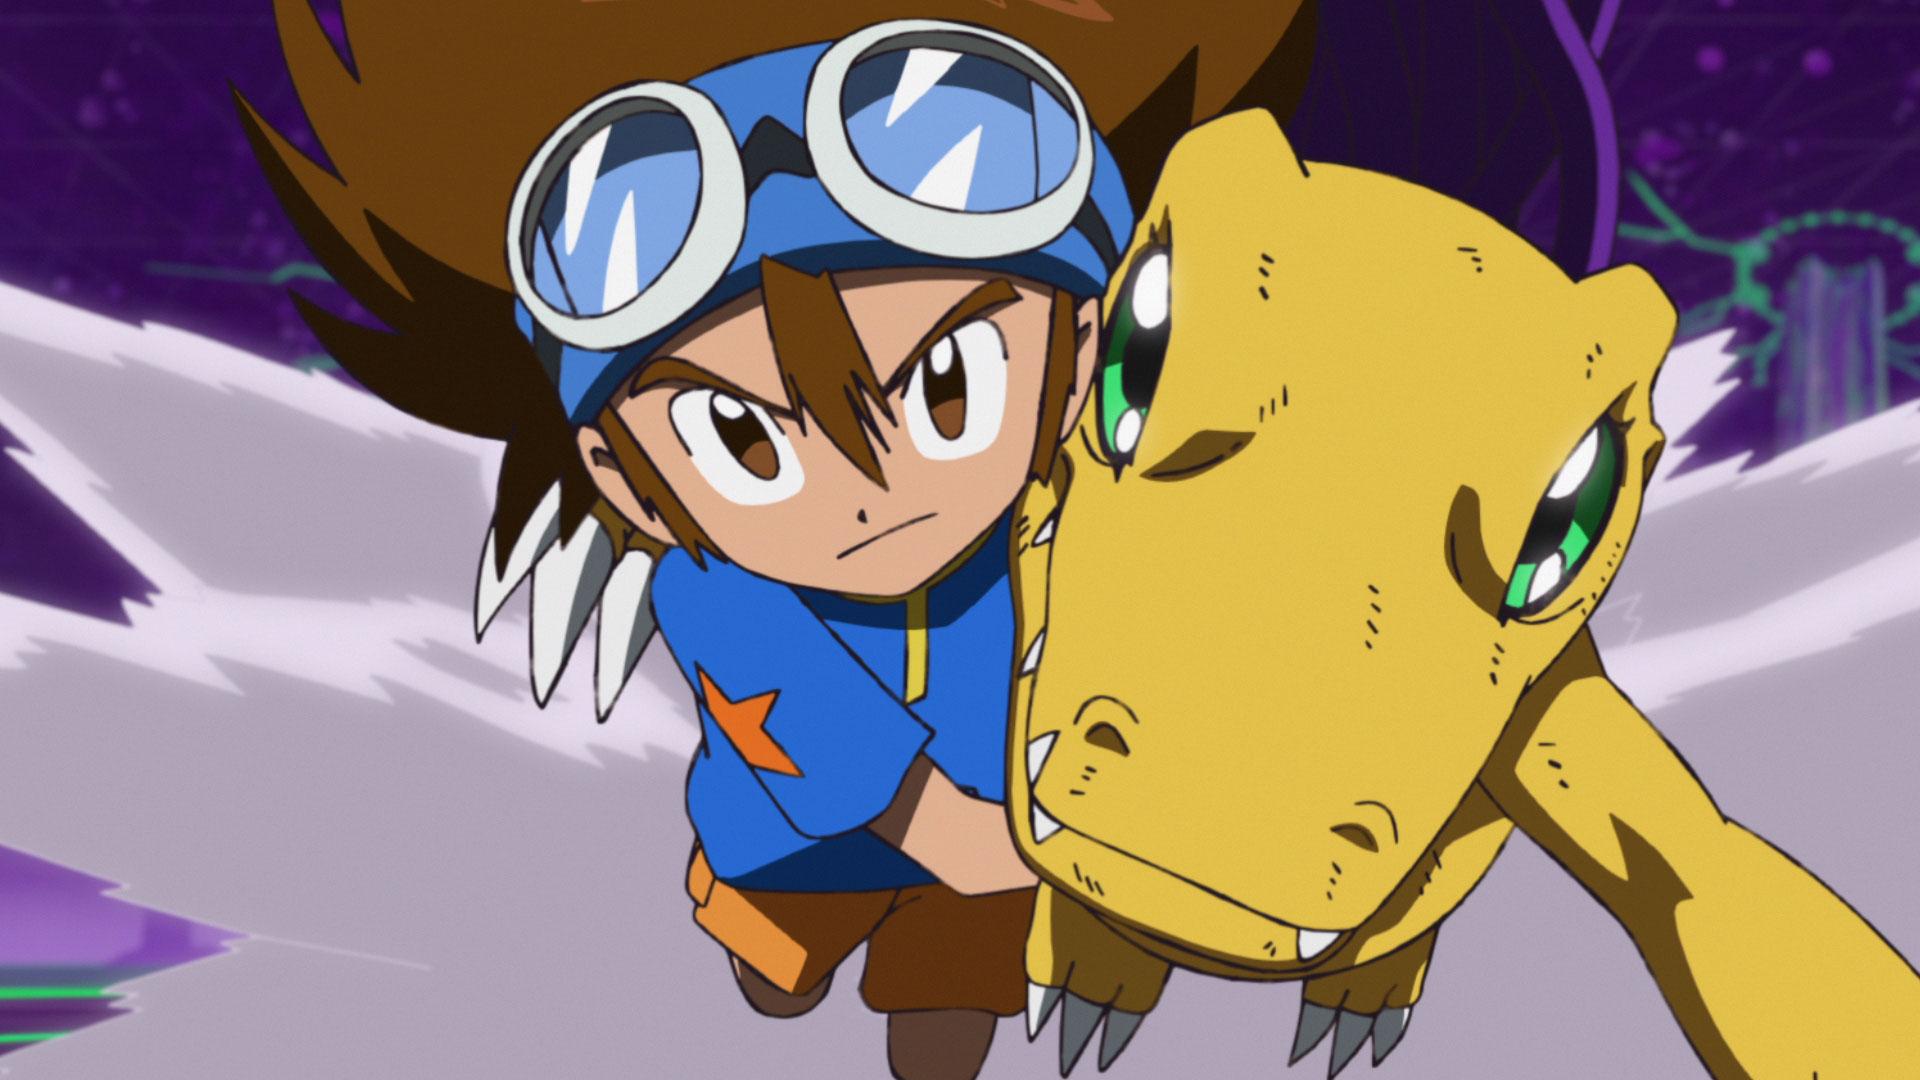 東映アニメbbプレミアムのアニメ 動画作品情報 バンダイチャンネル 好きなアニメを楽しもう